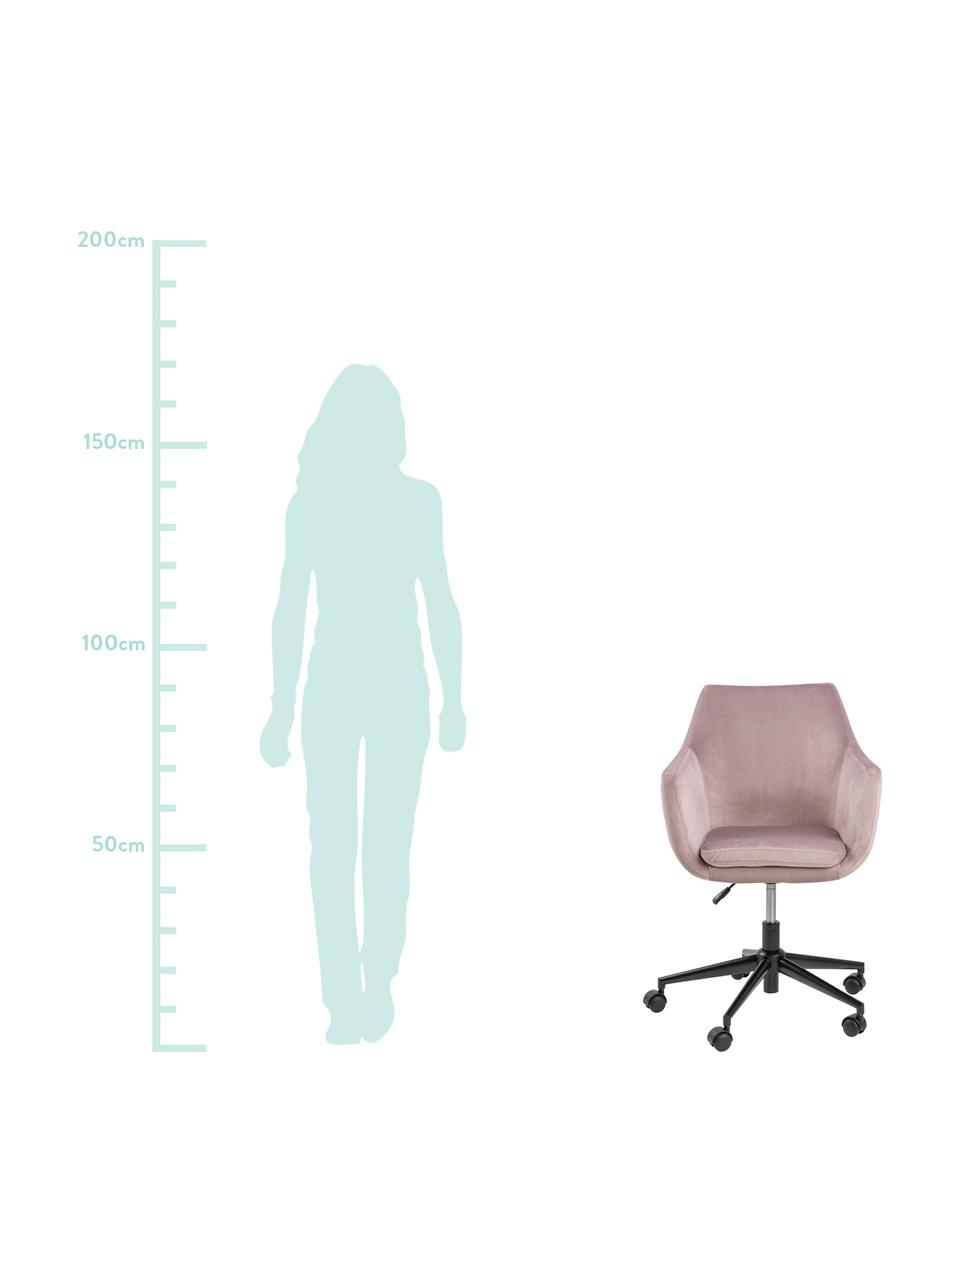 Sedia da ufficio girevole in velluto Nora, Rivestimento: poliestere (velluto) 25.0, Struttura: metallo verniciato a polv, Rosa, nero, Larg. 58 x Prof. 58 cm